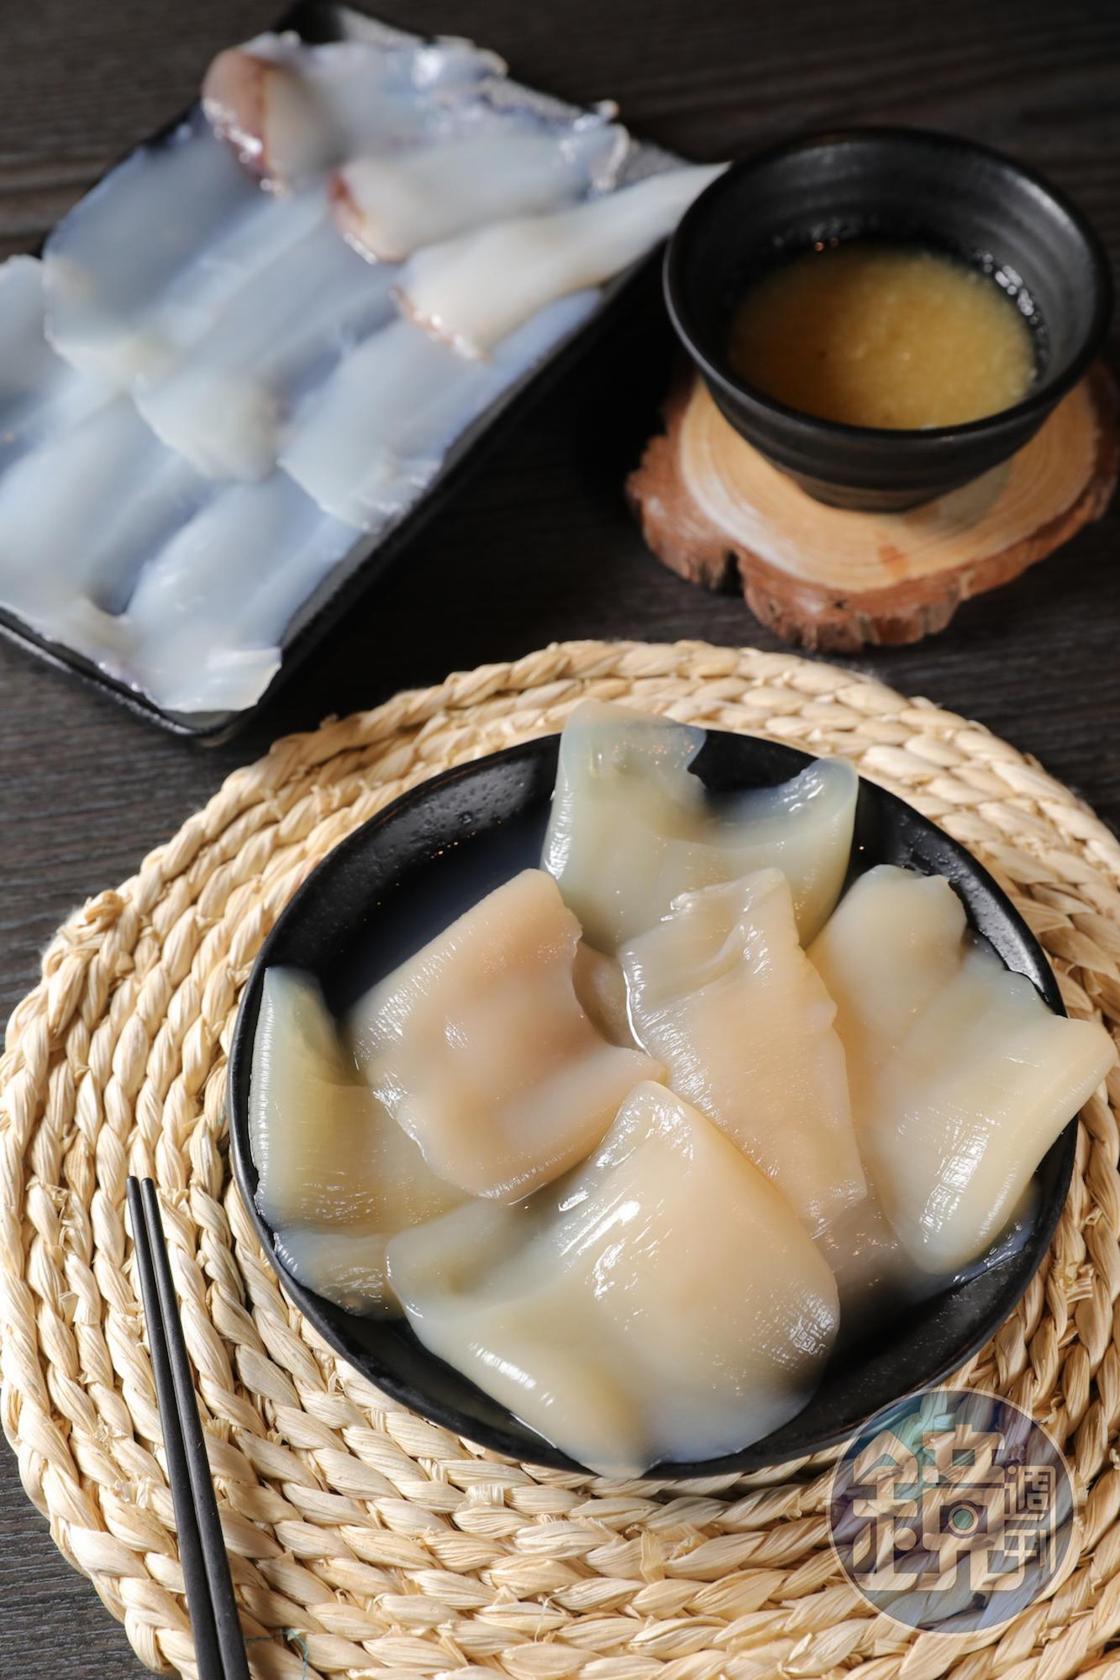 「象拔蚌」(前,160元/份)「軟絲」(後,140元/份)涮後都走脆嫩路線,跟清爽系湯頭很速配。